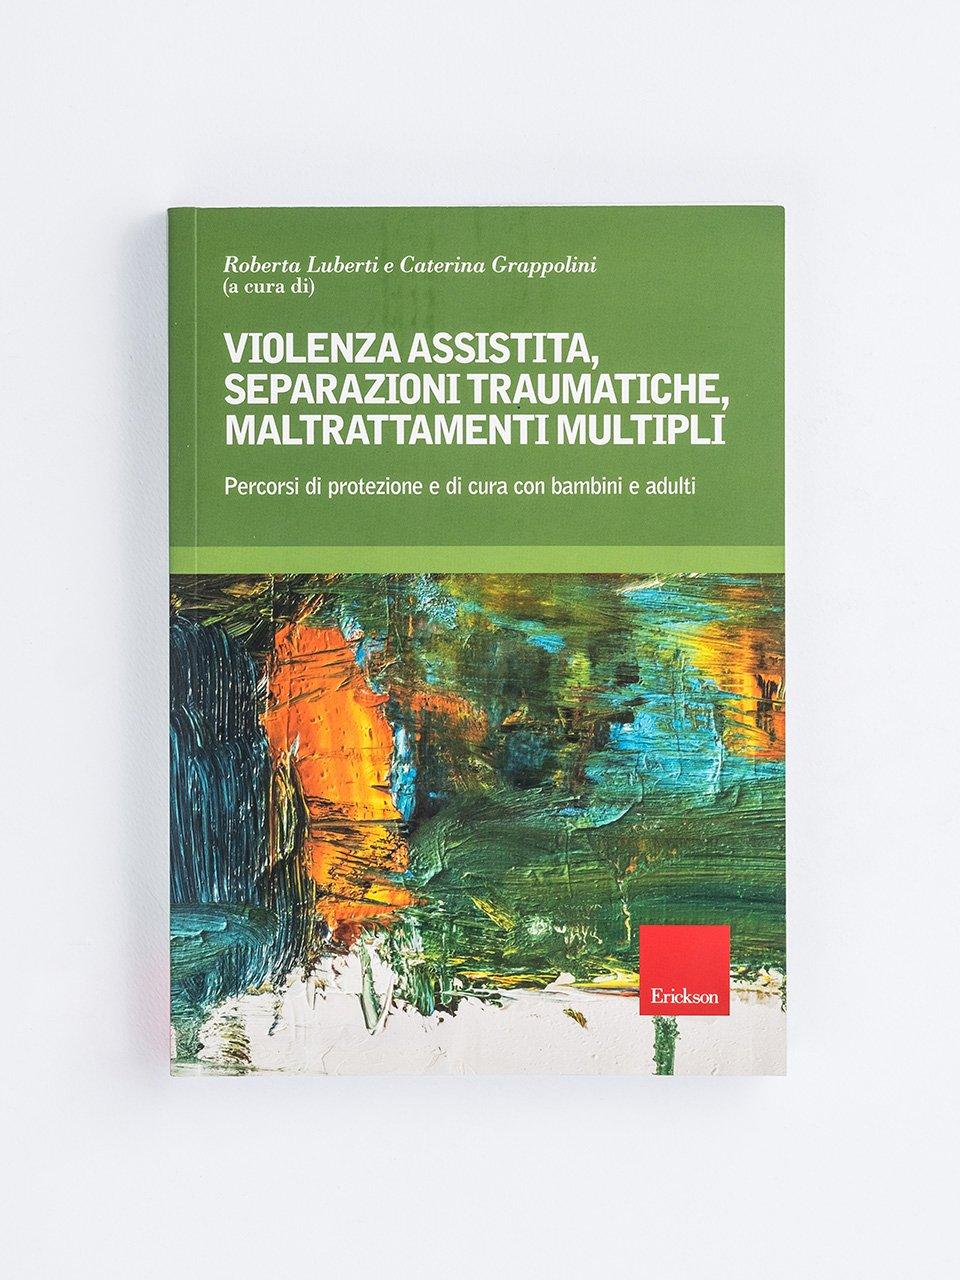 Violenza assistita, separazioni traumatiche, maltrattamenti multipli - Che genere di violenza - Libri - Erickson